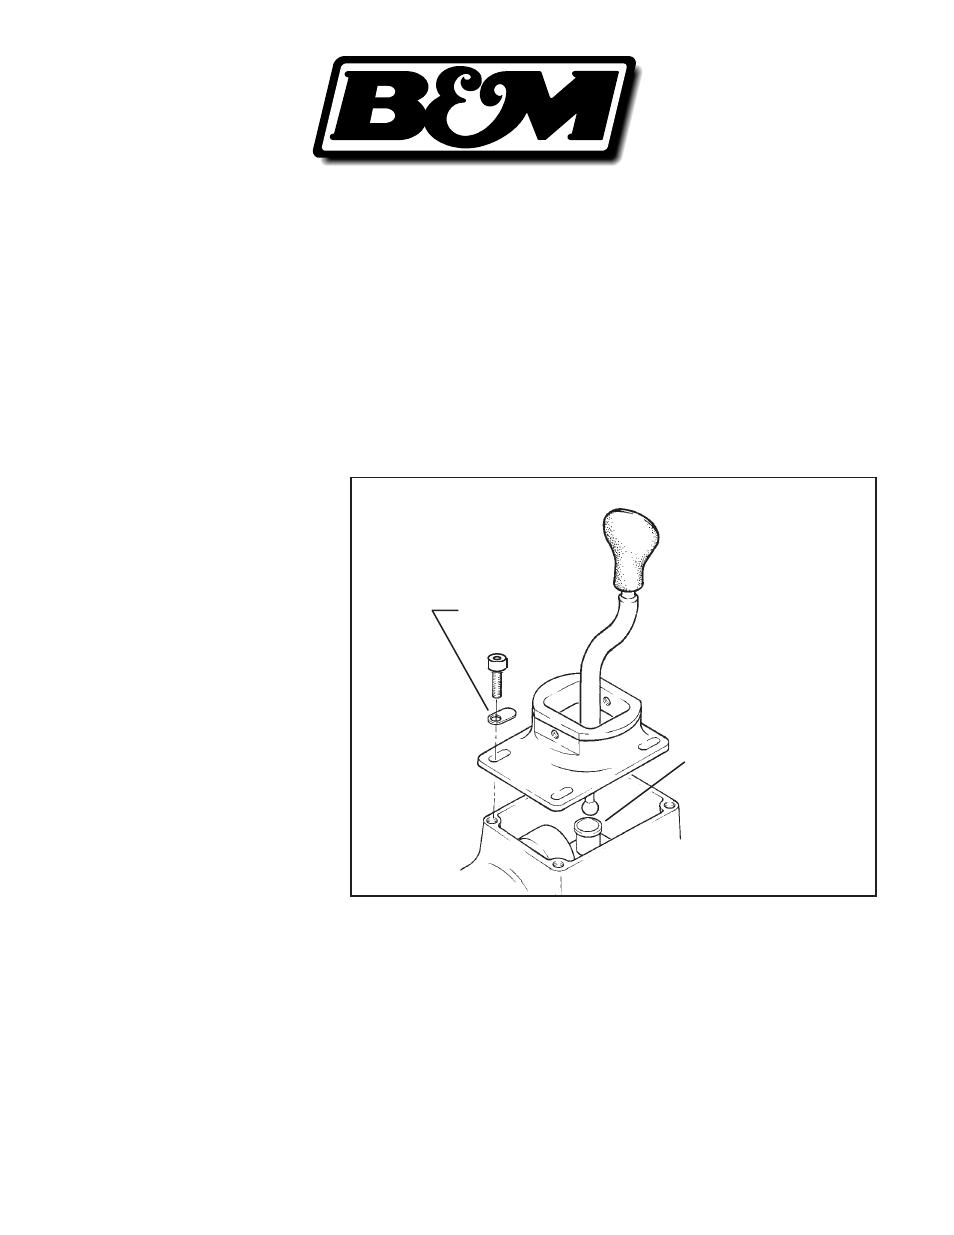 Bm 45050 Precision Sport Shifter Must Wt5 T45 User Manual 2